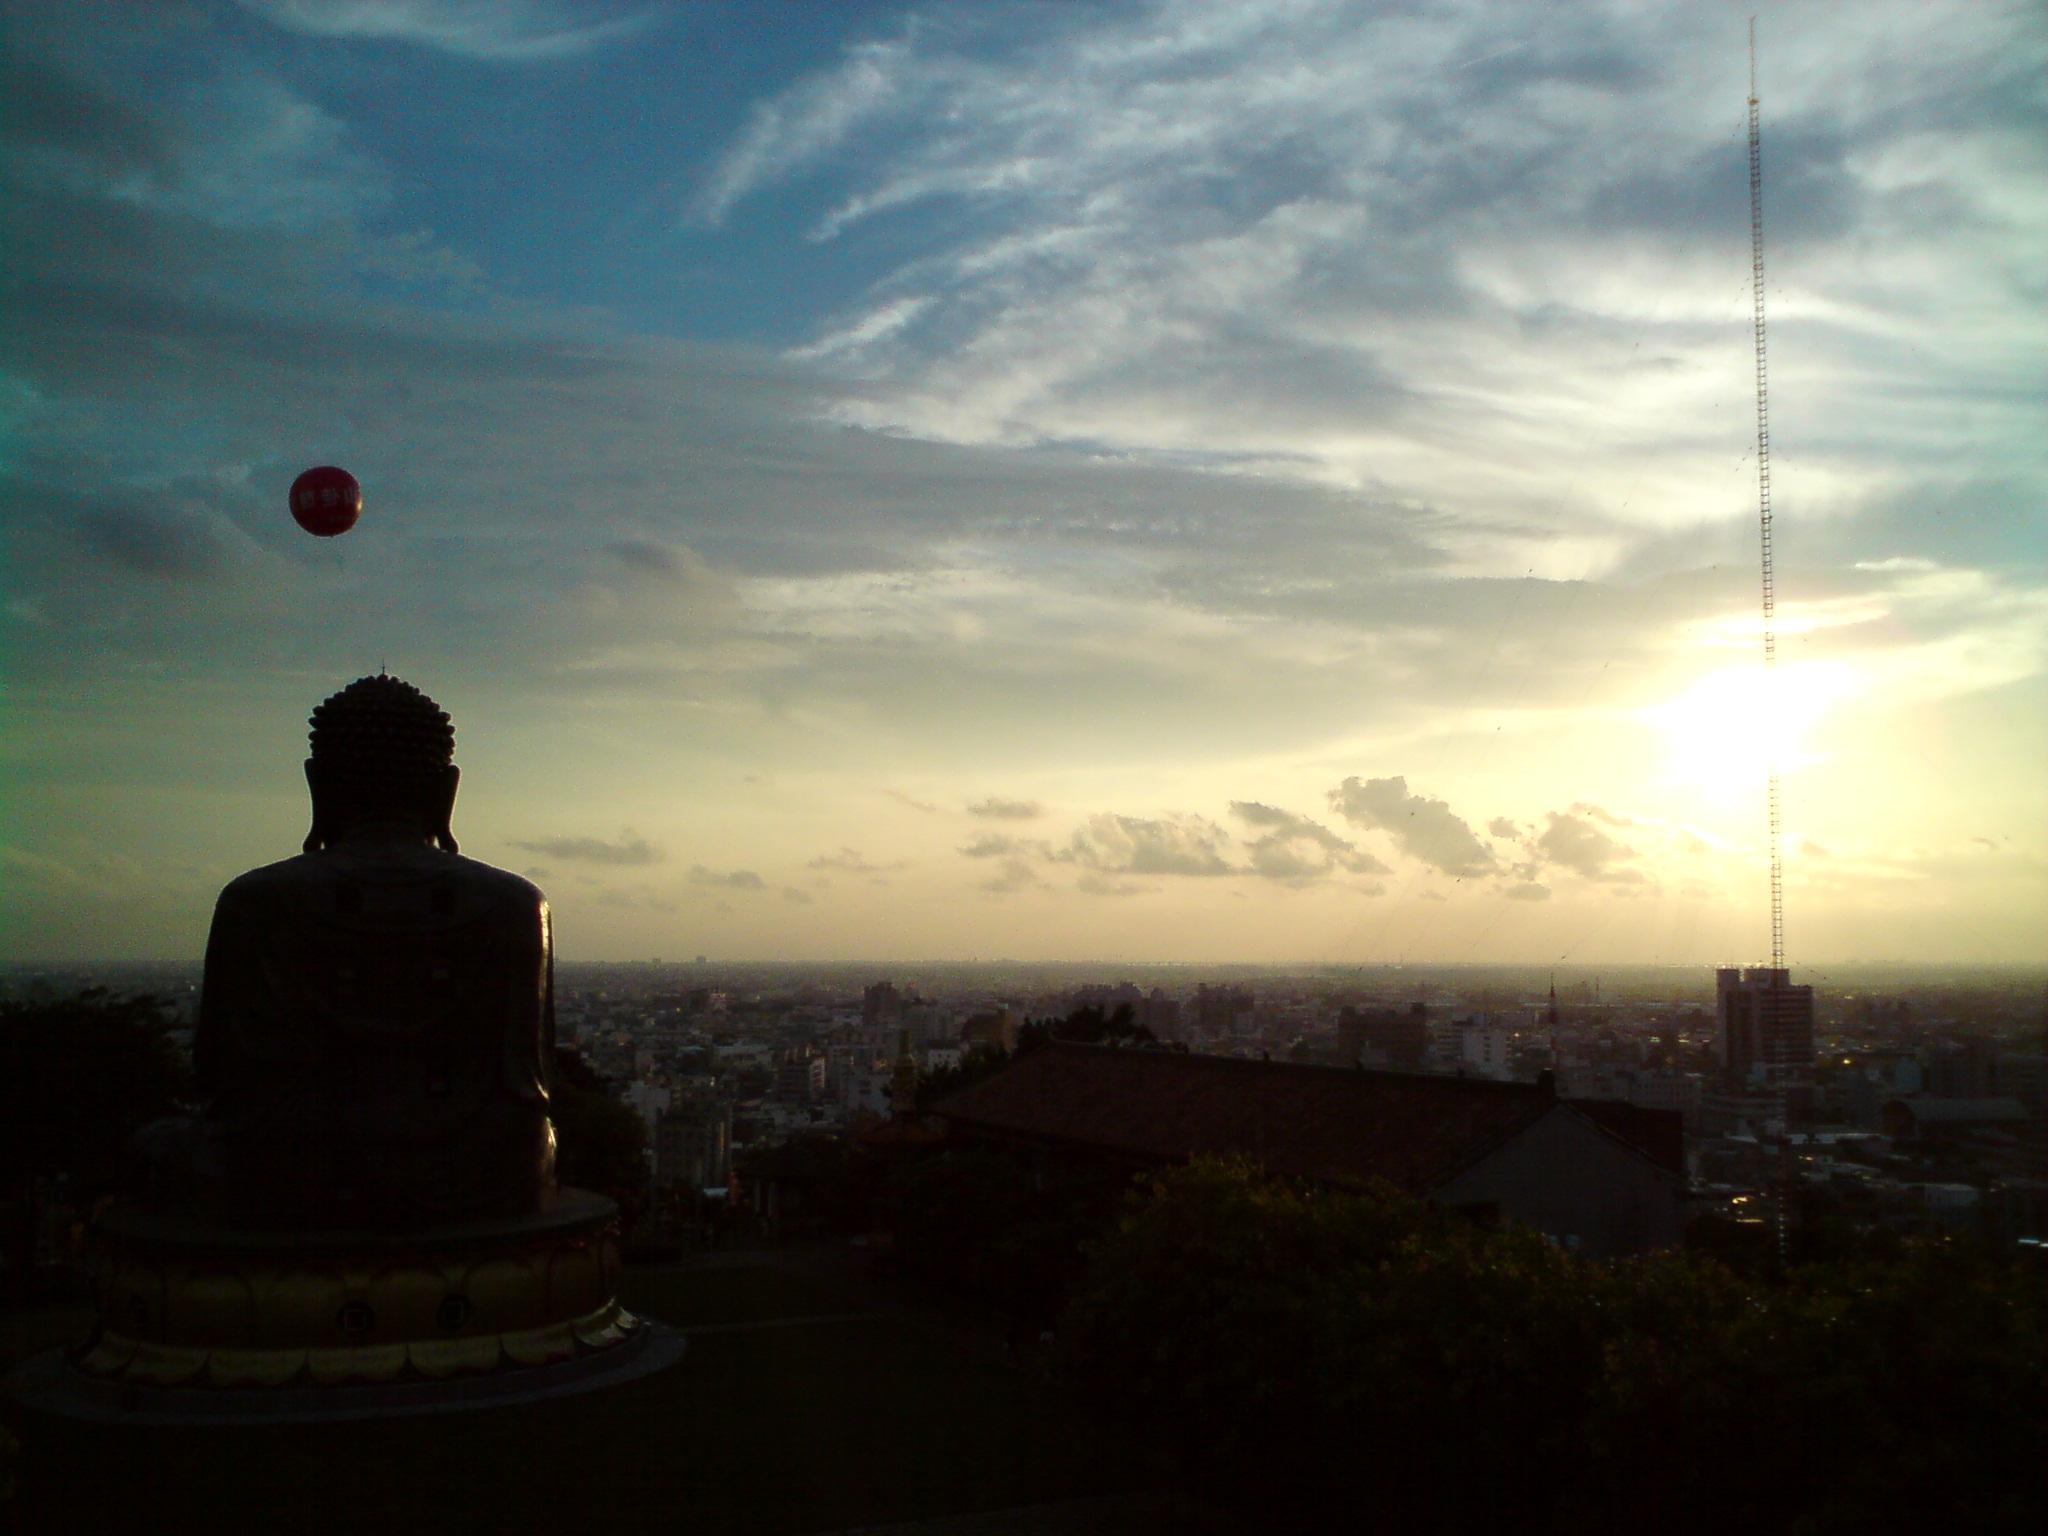 鳥瞰彰化市區